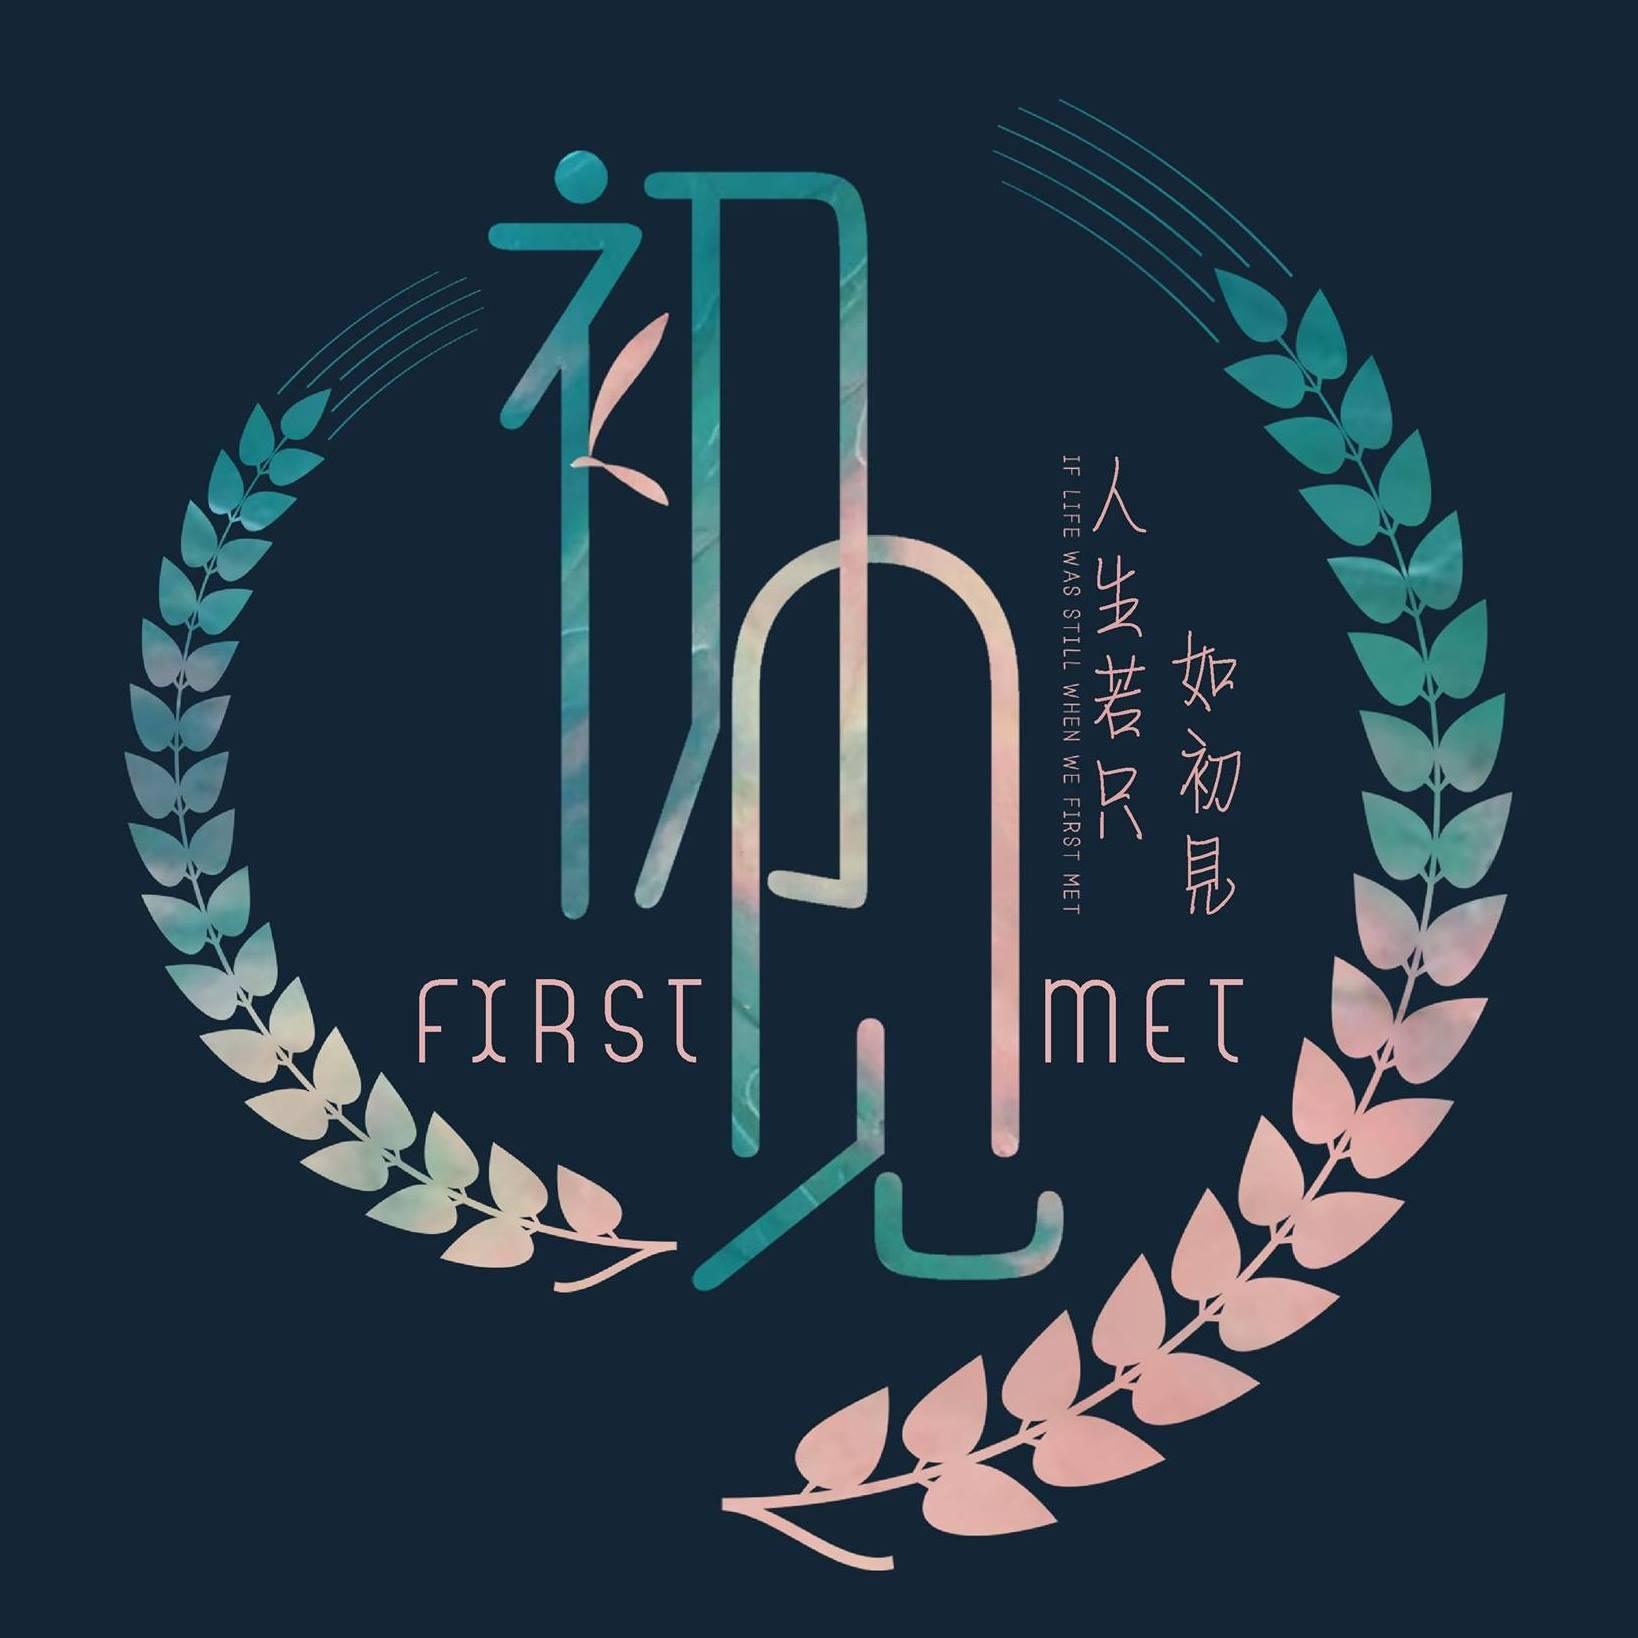 First Met Cafe logo